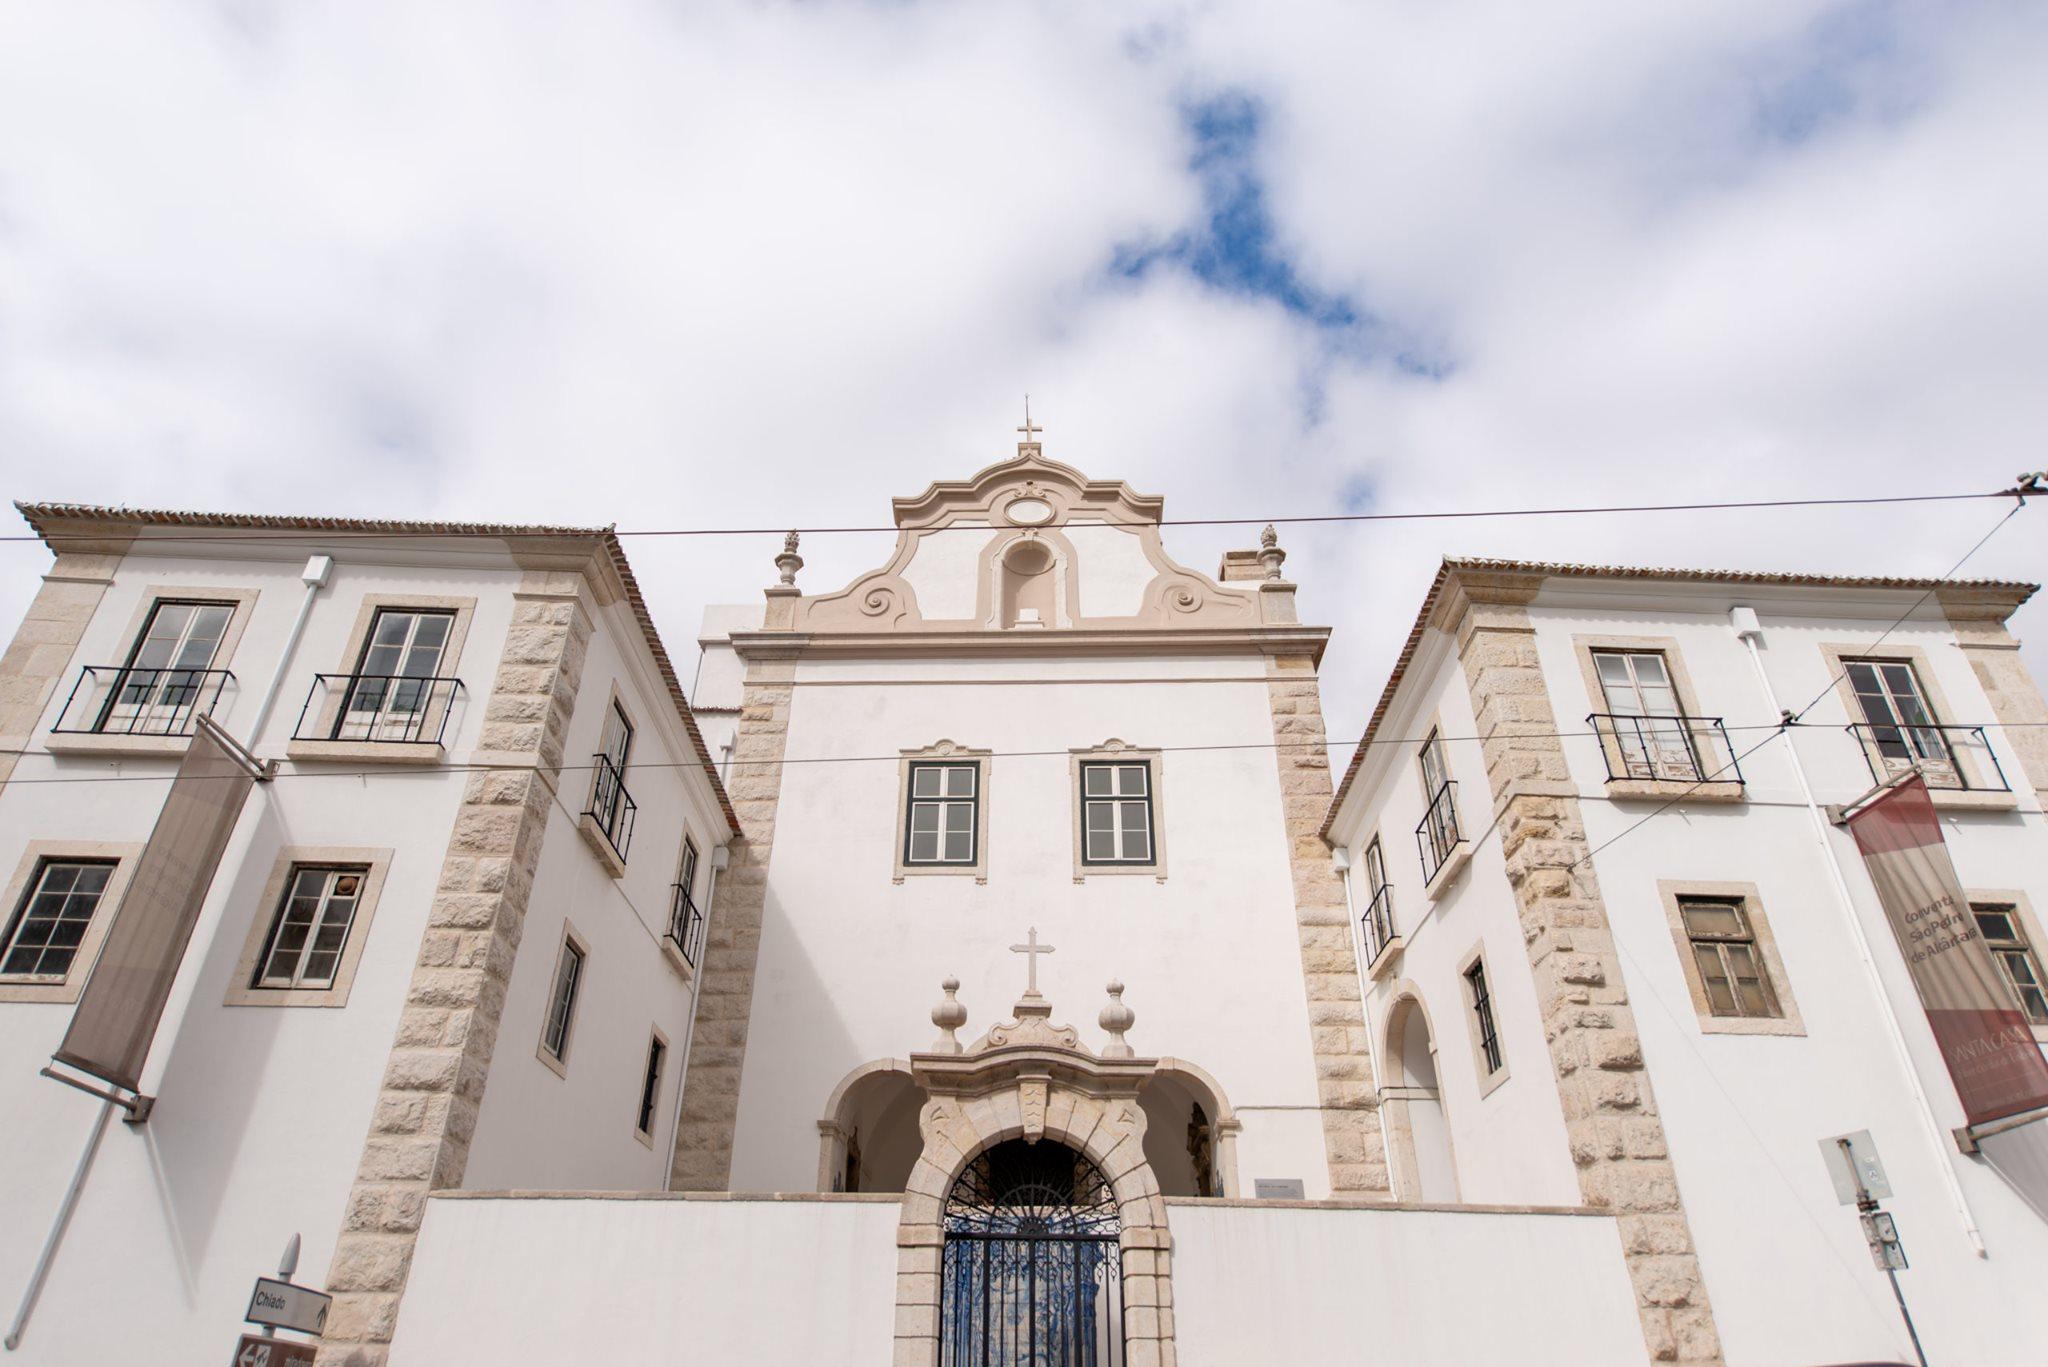 Património ao Domingo - Convento de São Pedro de Alcântara   Visita guiada